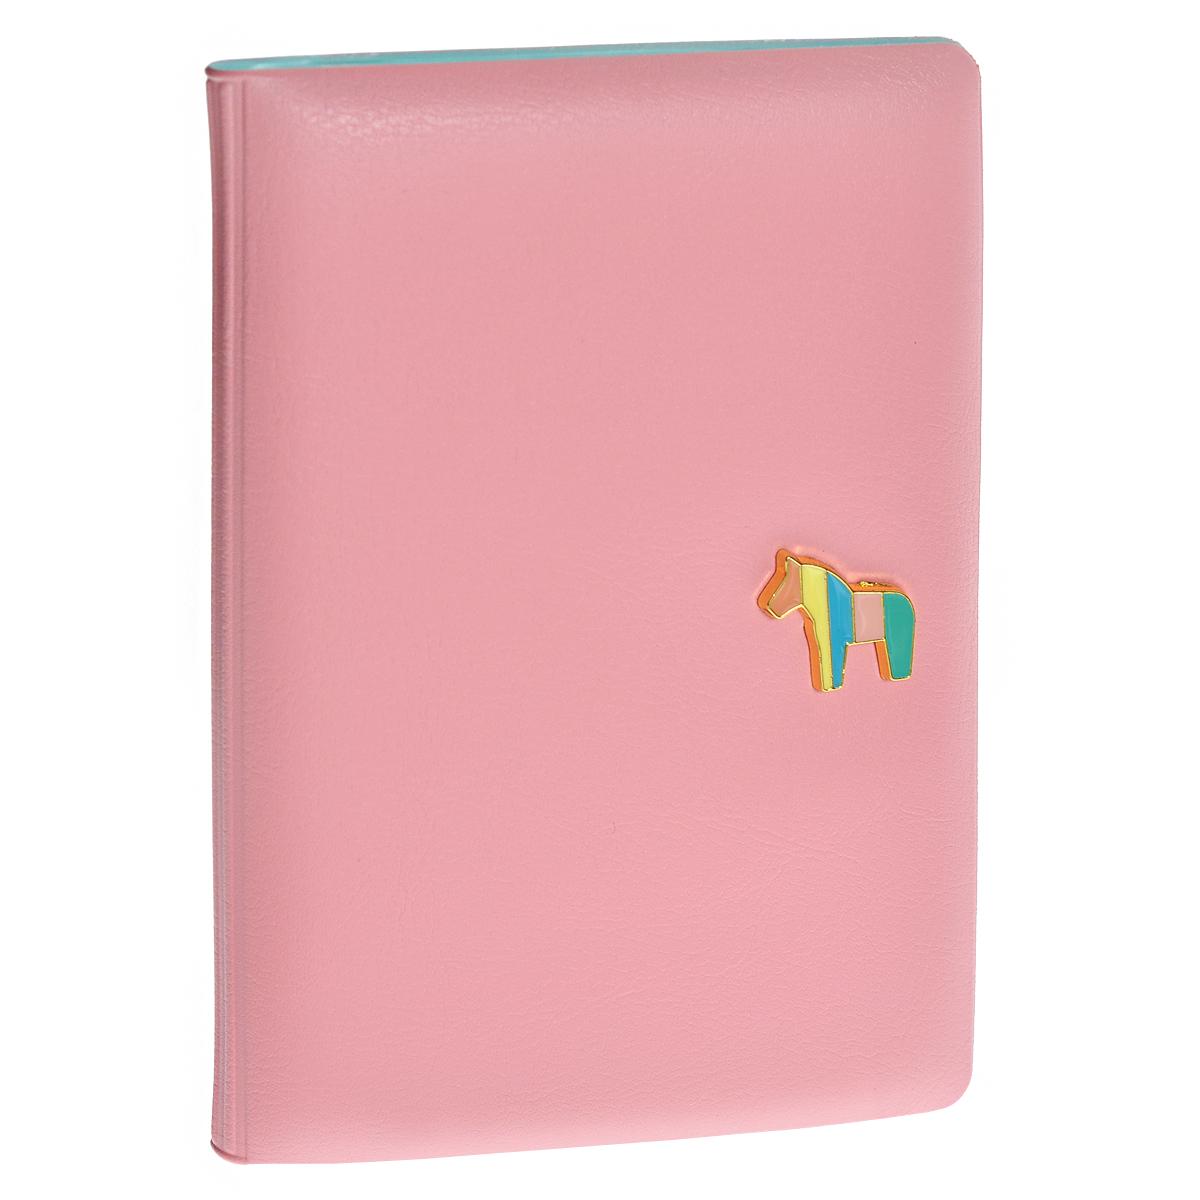 Обложка для паспорта Pony, цвет: розовый0901033Обложка для паспорта Pony не только поможет сохранить внешний вид ваших документов и защитить их от повреждений, но и станет стильным аксессуаром, идеально подходящим вашему образу. Обложка выполнена из ПВХ розового цвета и оформлена декоративным элементом из металла в виде миниатюрного пони. Внутри - кармашек из прозрачного пластика.Такая обложка станет замечательным подарком человеку, ценящему качественные и практичные вещи. Характеристики:Материал:ПВХ. Цвет: розовый. Размер обложки в сложенном виде: 9,5 см х 14 см х 1 см. Размер упаковки: 10 см х 14,5 см х 1,5 см. Артикул:0901033.